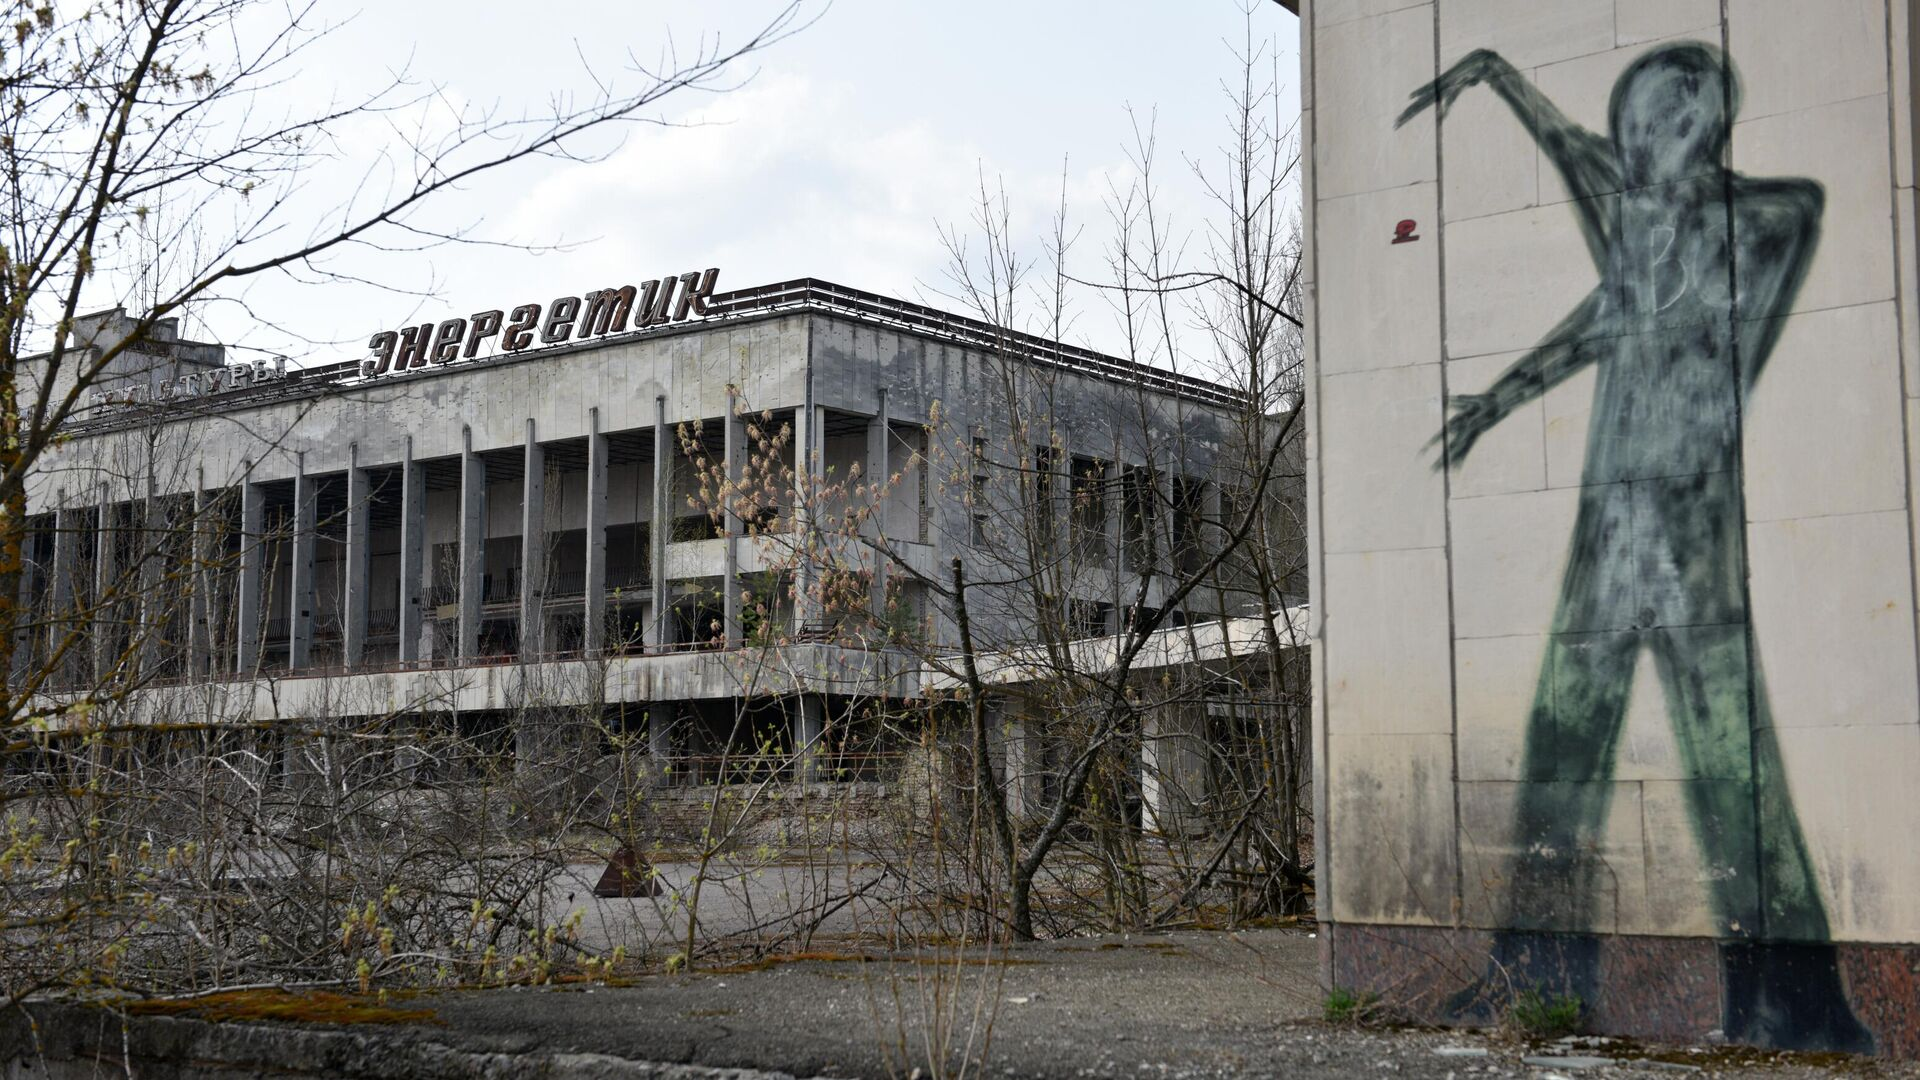 Заброшенный Дворец культуры Энергетик на территории зоны отчуждения Чернобыльской АЭС - РИА Новости, 1920, 10.05.2021